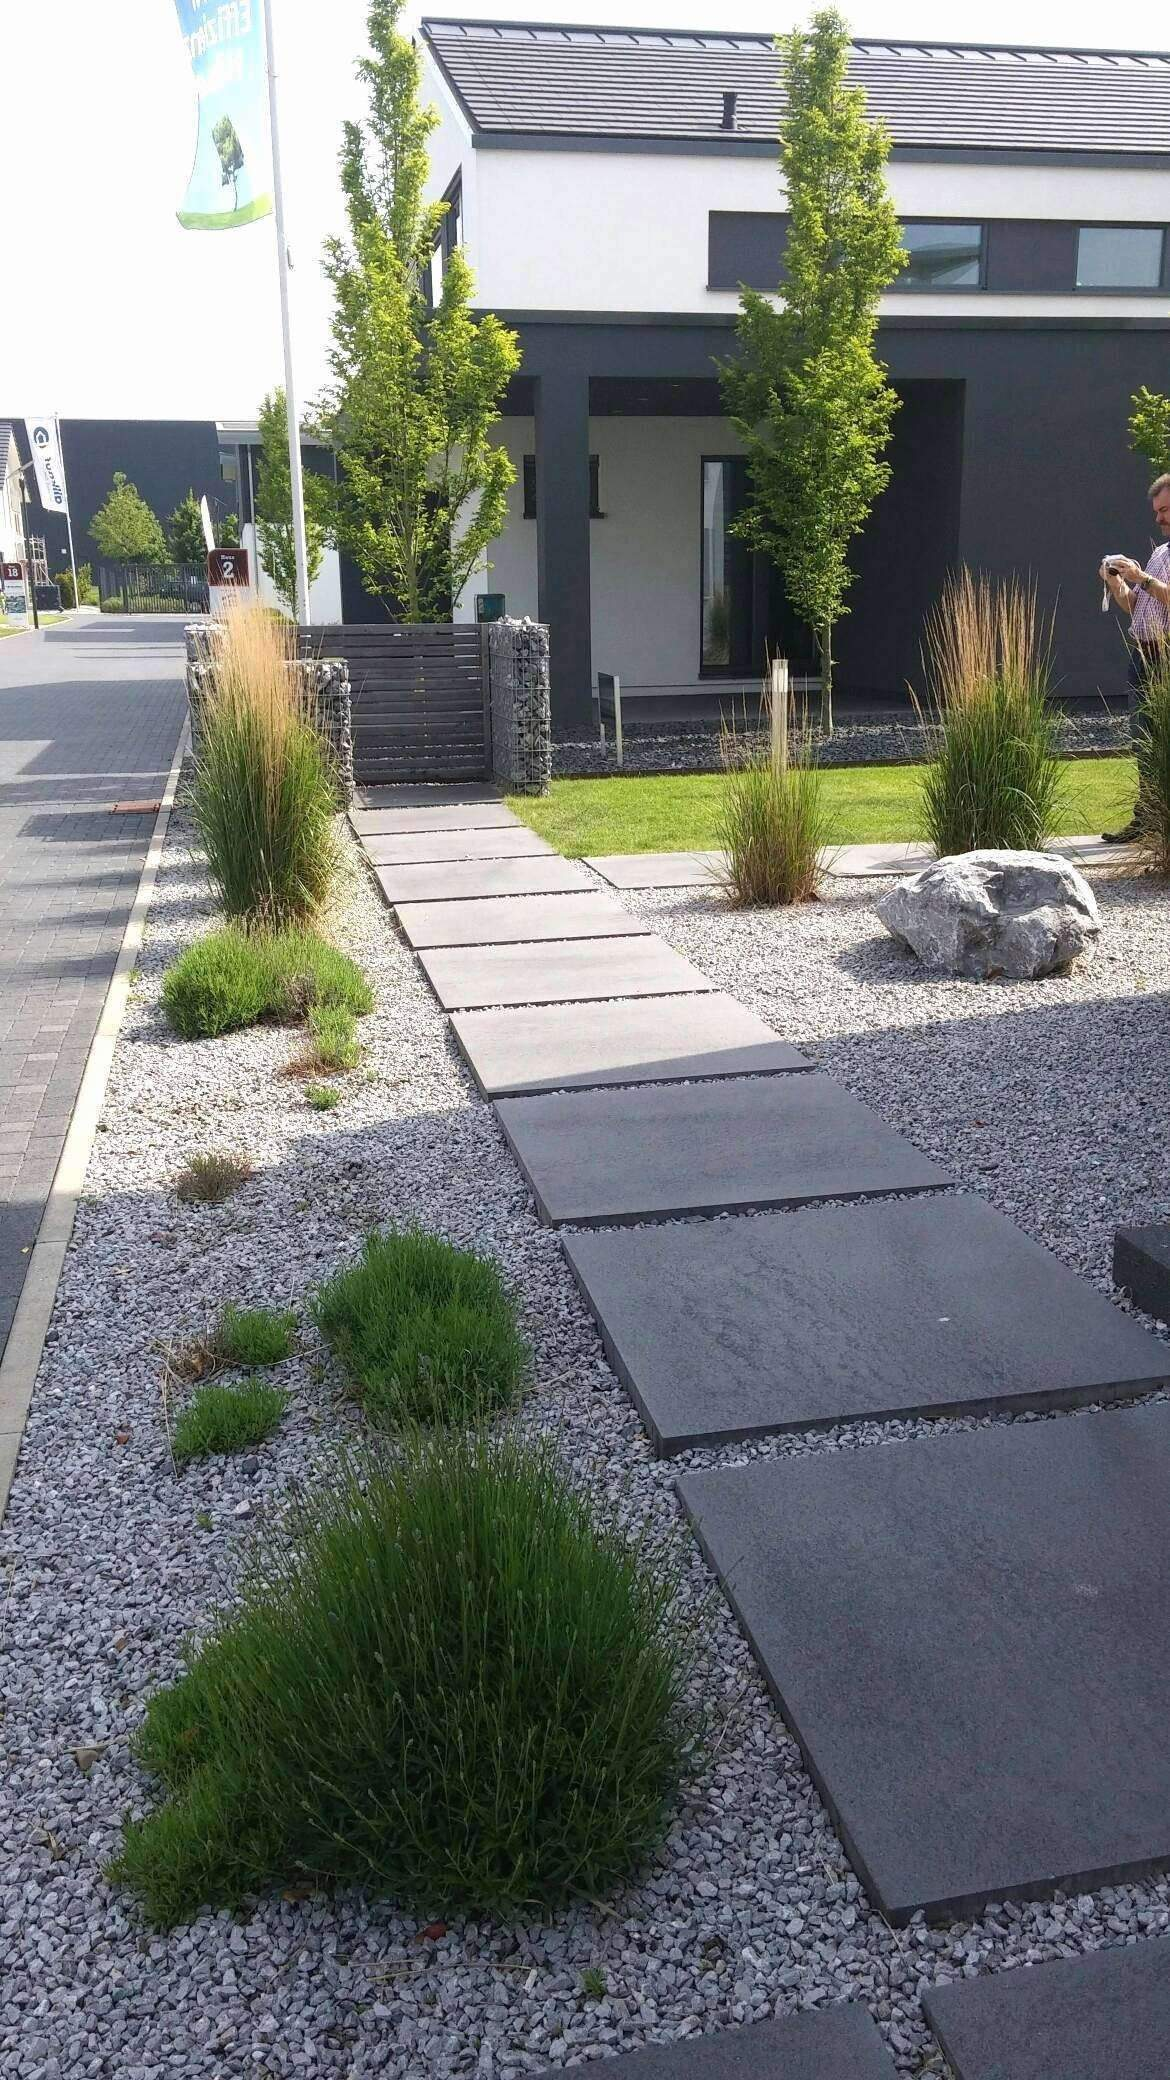 Englischer Garten Anlegen Frisch 27 Neu Garten Gestalten Beispiele Inspirierend